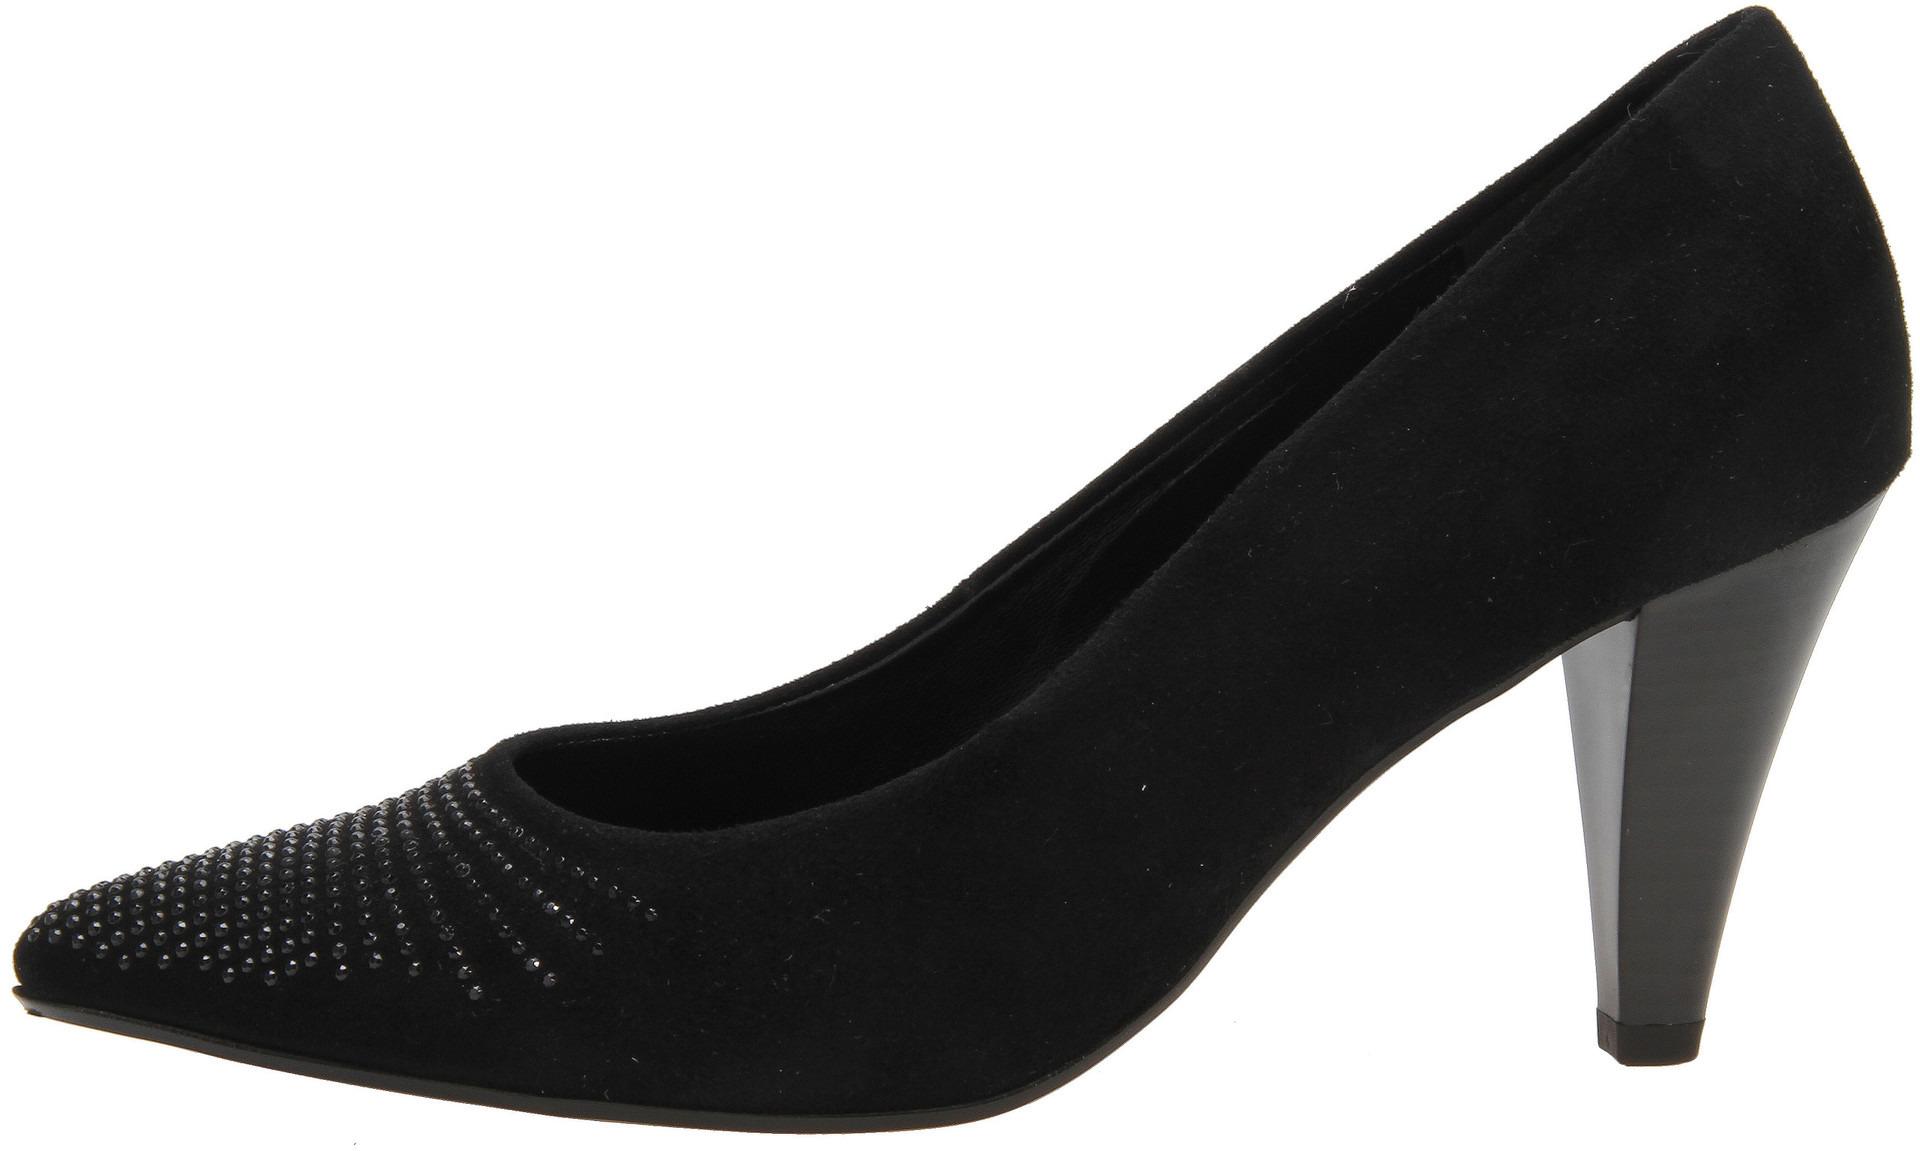 Soňa - Dámska obuv - Lodičky - Čierne kožené lodičky Gabor na ... cb4503e1634